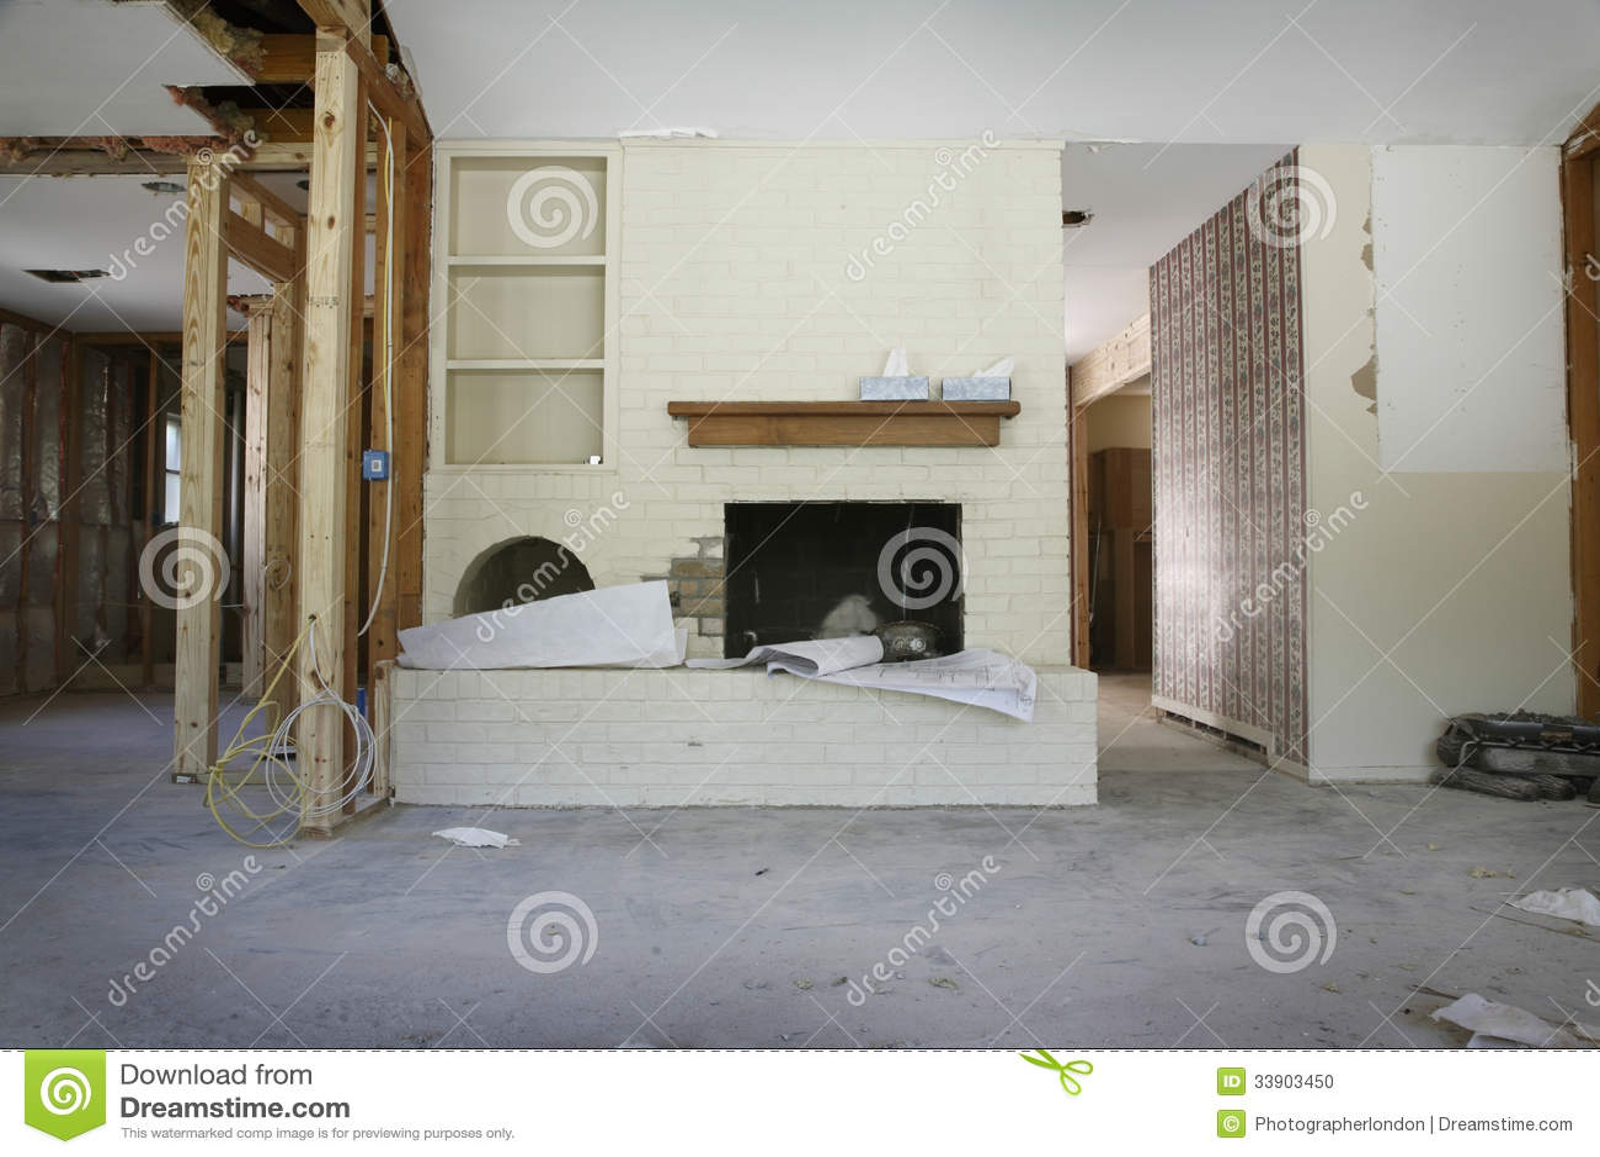 Ziegelstein kamin im haus unter erneuerung stockfoto - Ziegelstein wand innen ...